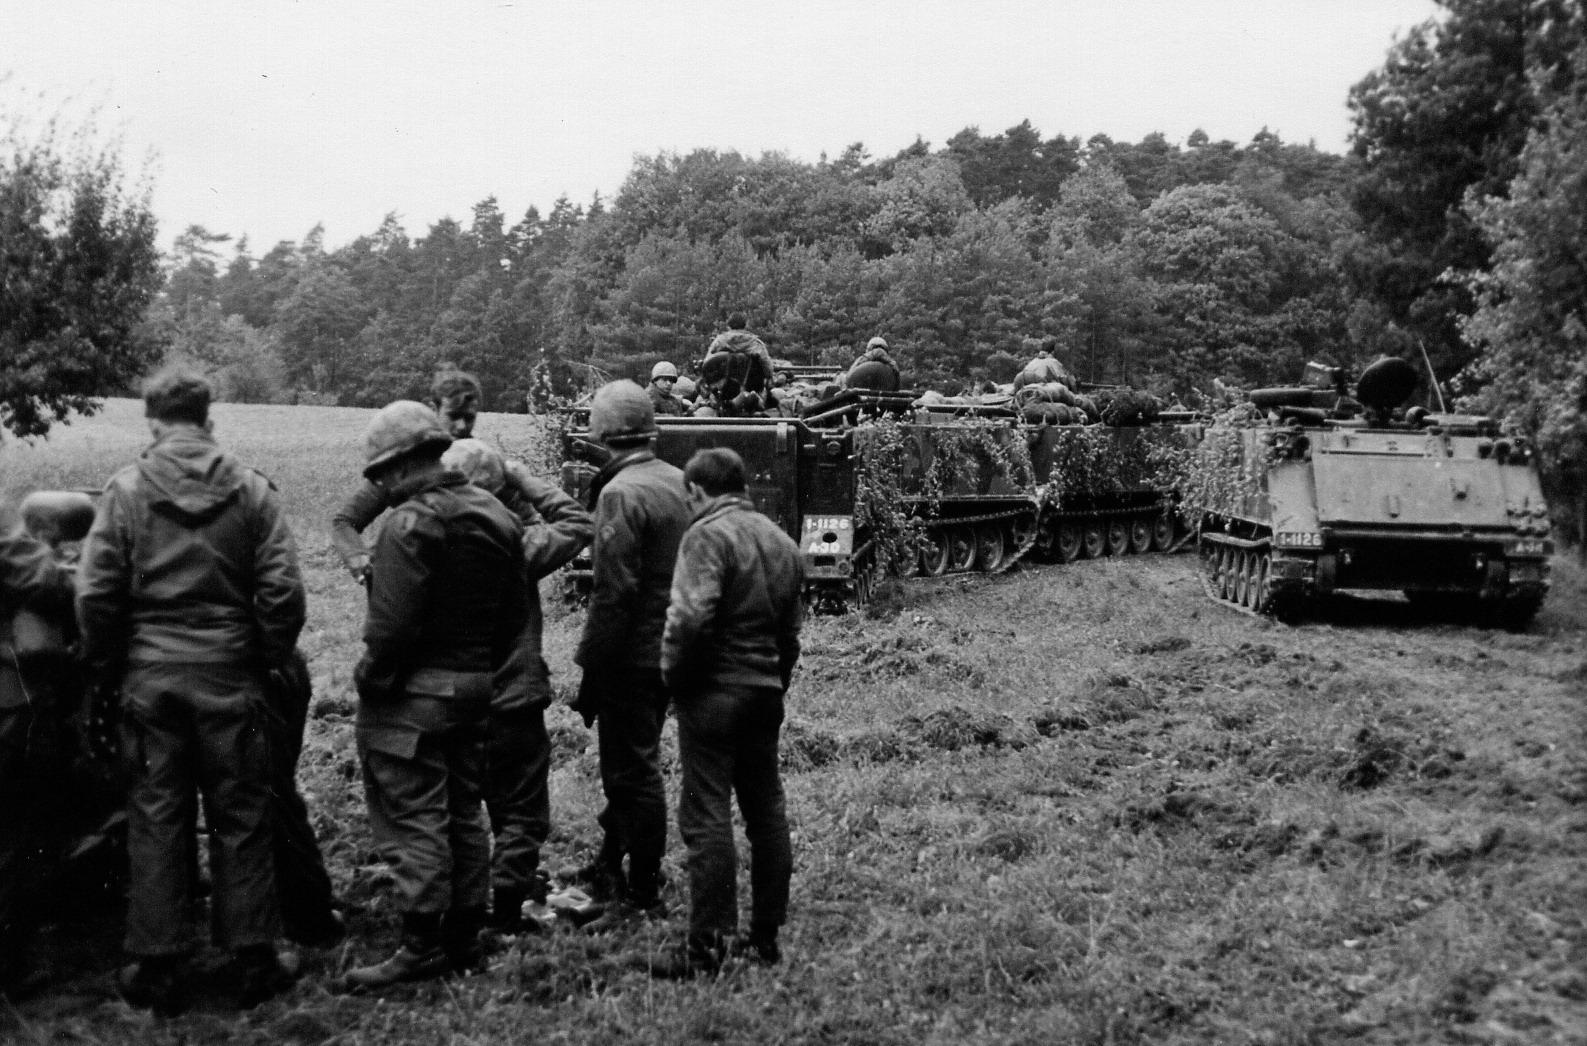 Einsatzbesprechung M113, Soldaten am M151 Jeep